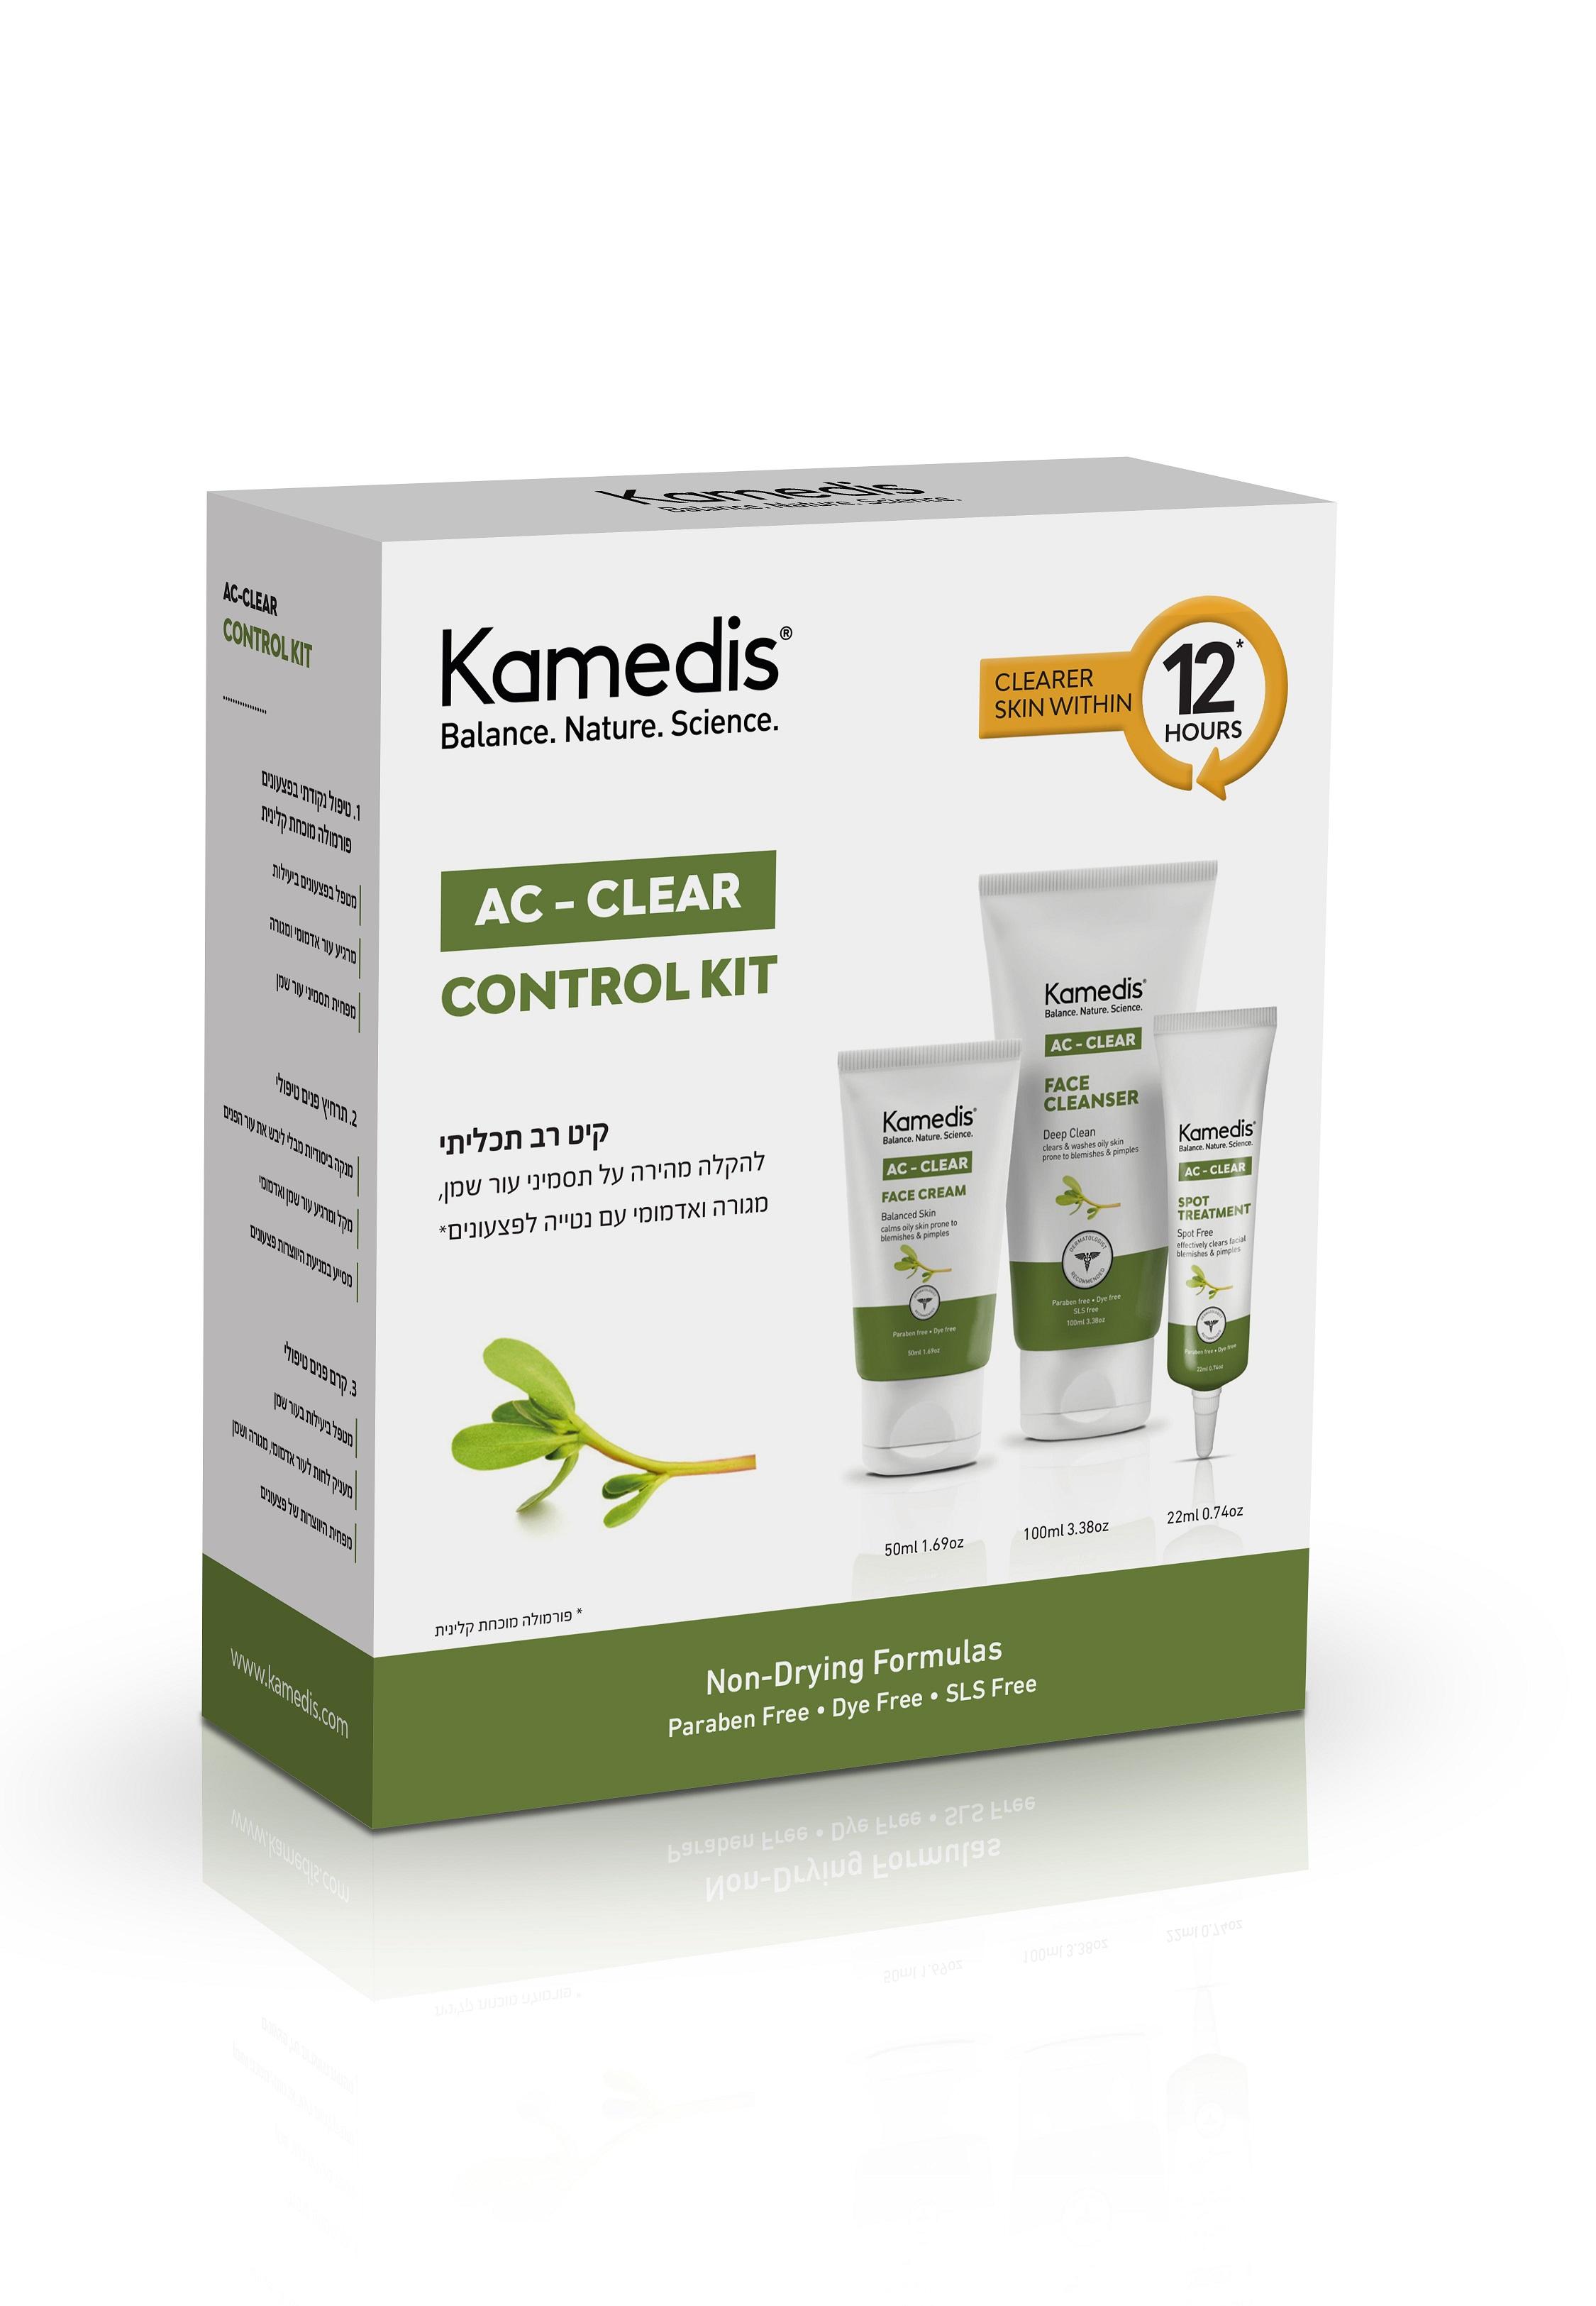 ערכה טיפולית לעור פנים שמן ניקוי, לחות וטיפול ממוקד בפצעונים AC - CLEAR CONTROL KIT 3